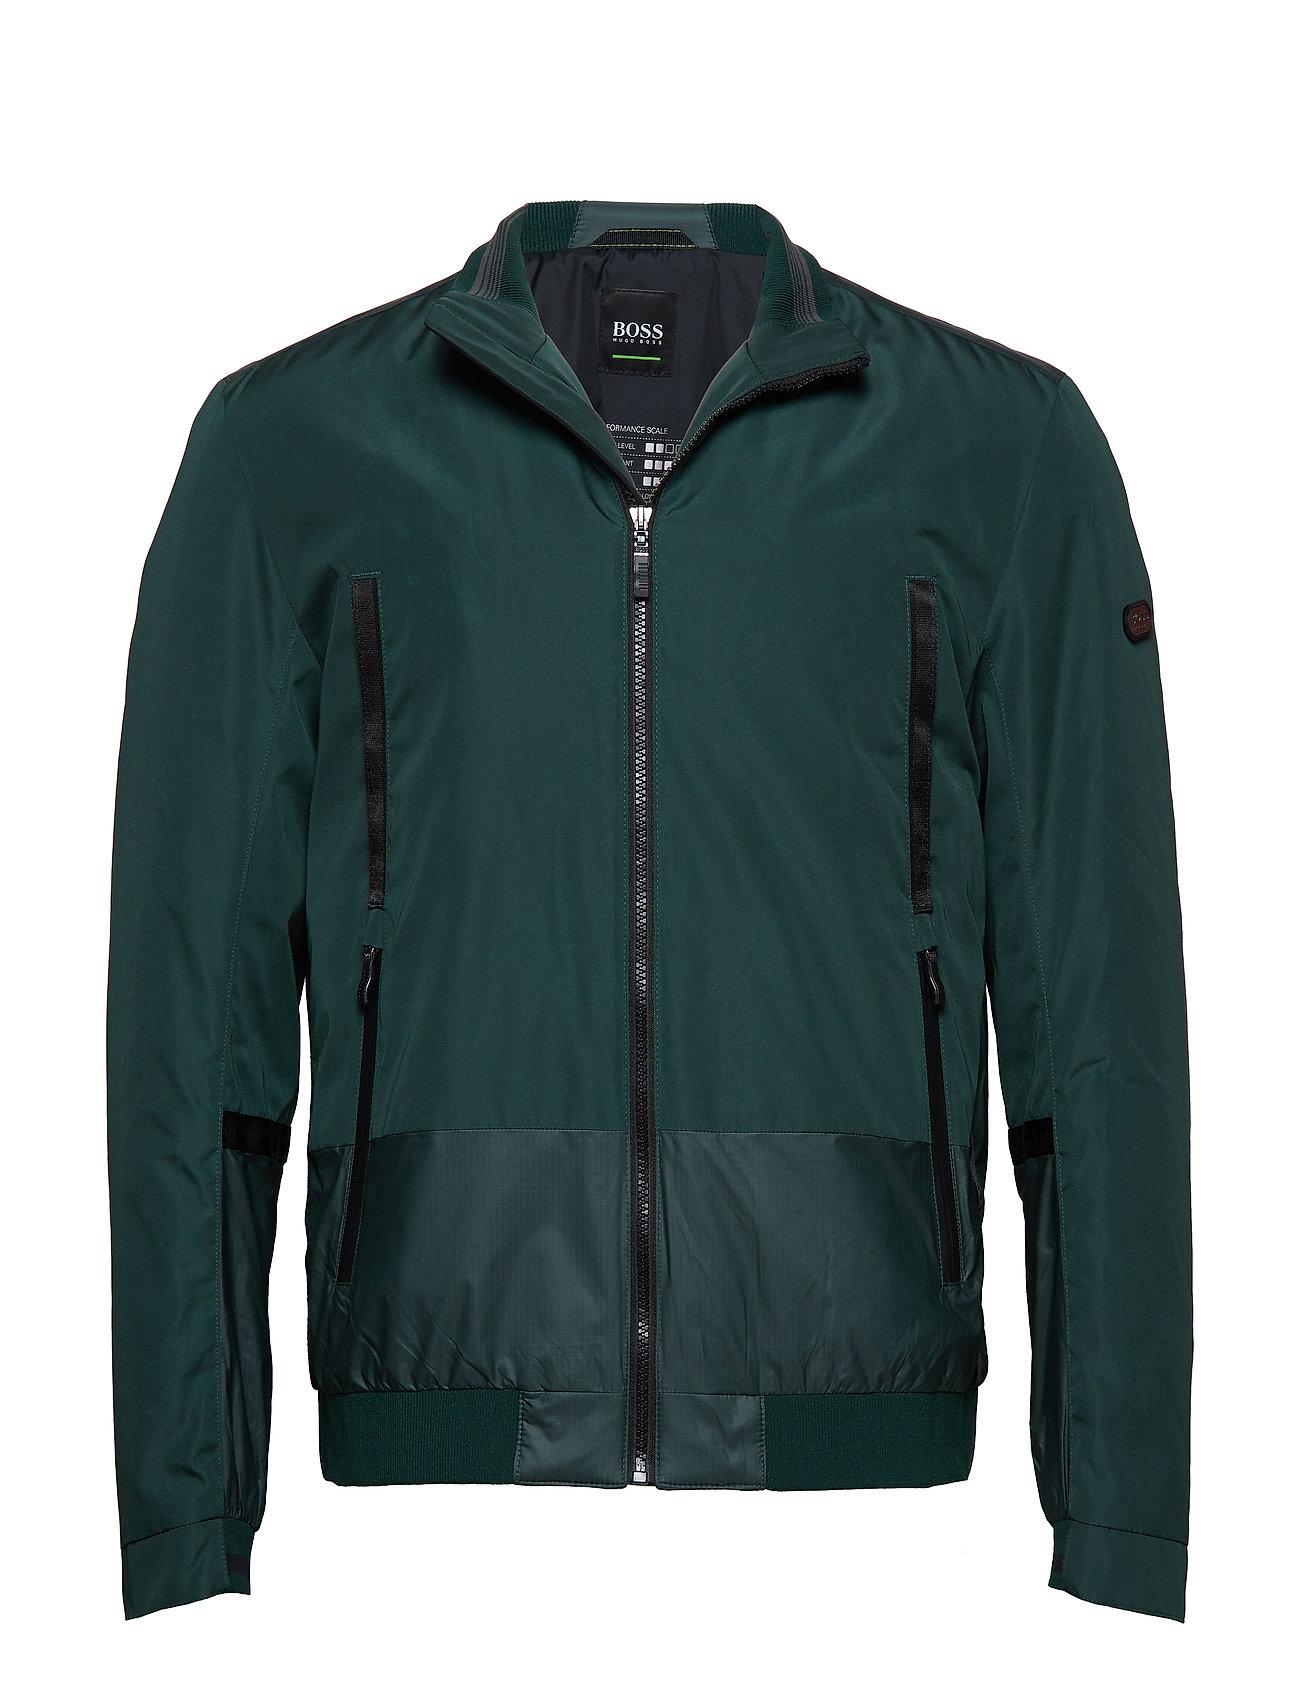 HUGO BOSS Jonn Outerwear Sport Jackets Grün BOSS ATHLEISURE WEAR